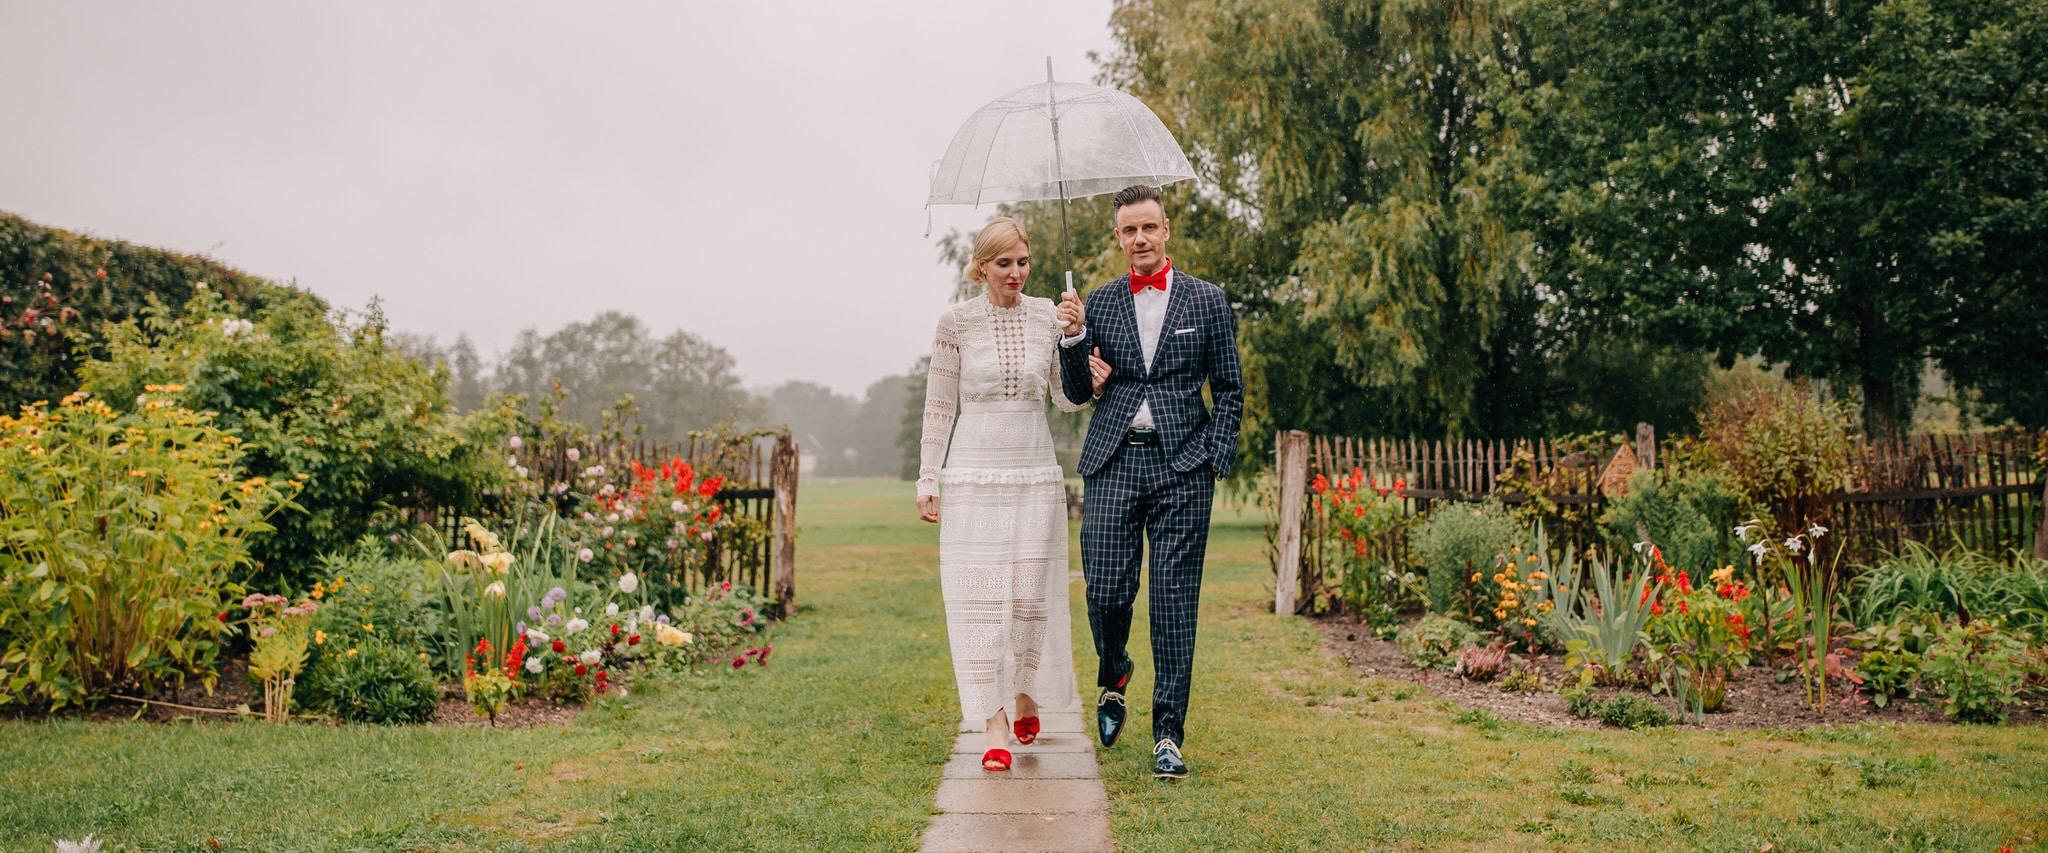 Regen zur Hochzeit, Silberhochzeit im Spreewald, Raphael Kellner, Hochzeitsfotograf, bleiche, resort